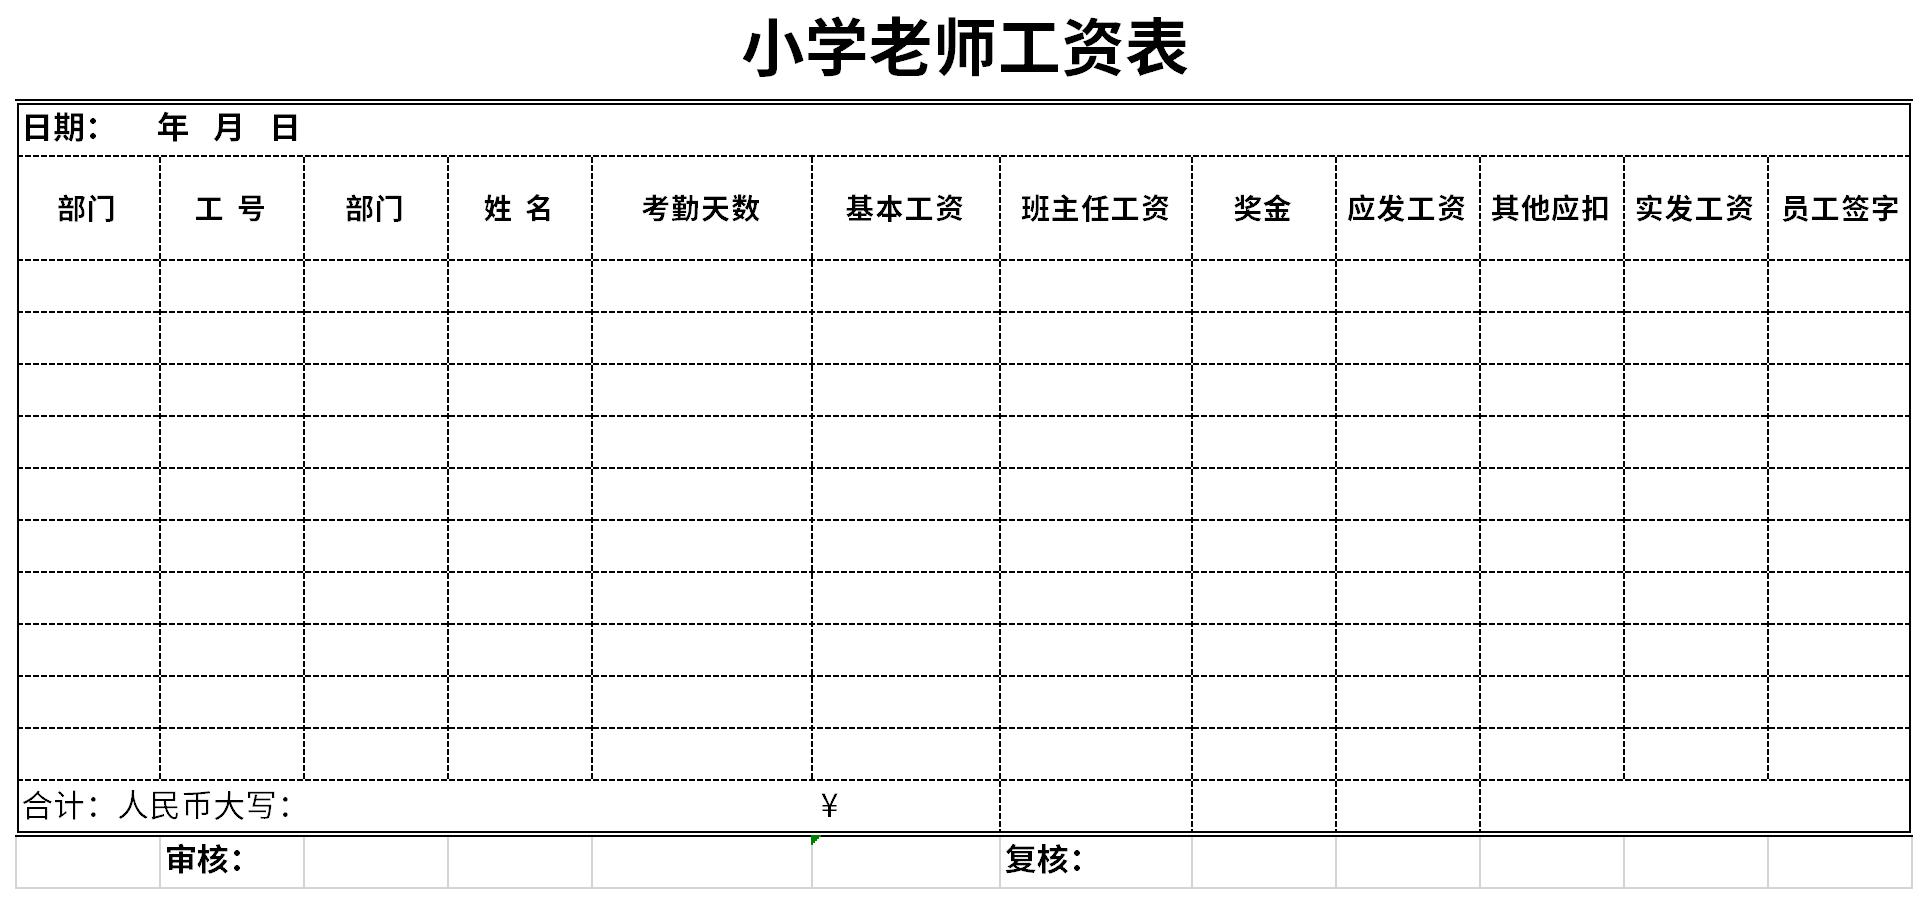 小学老师工资表截图